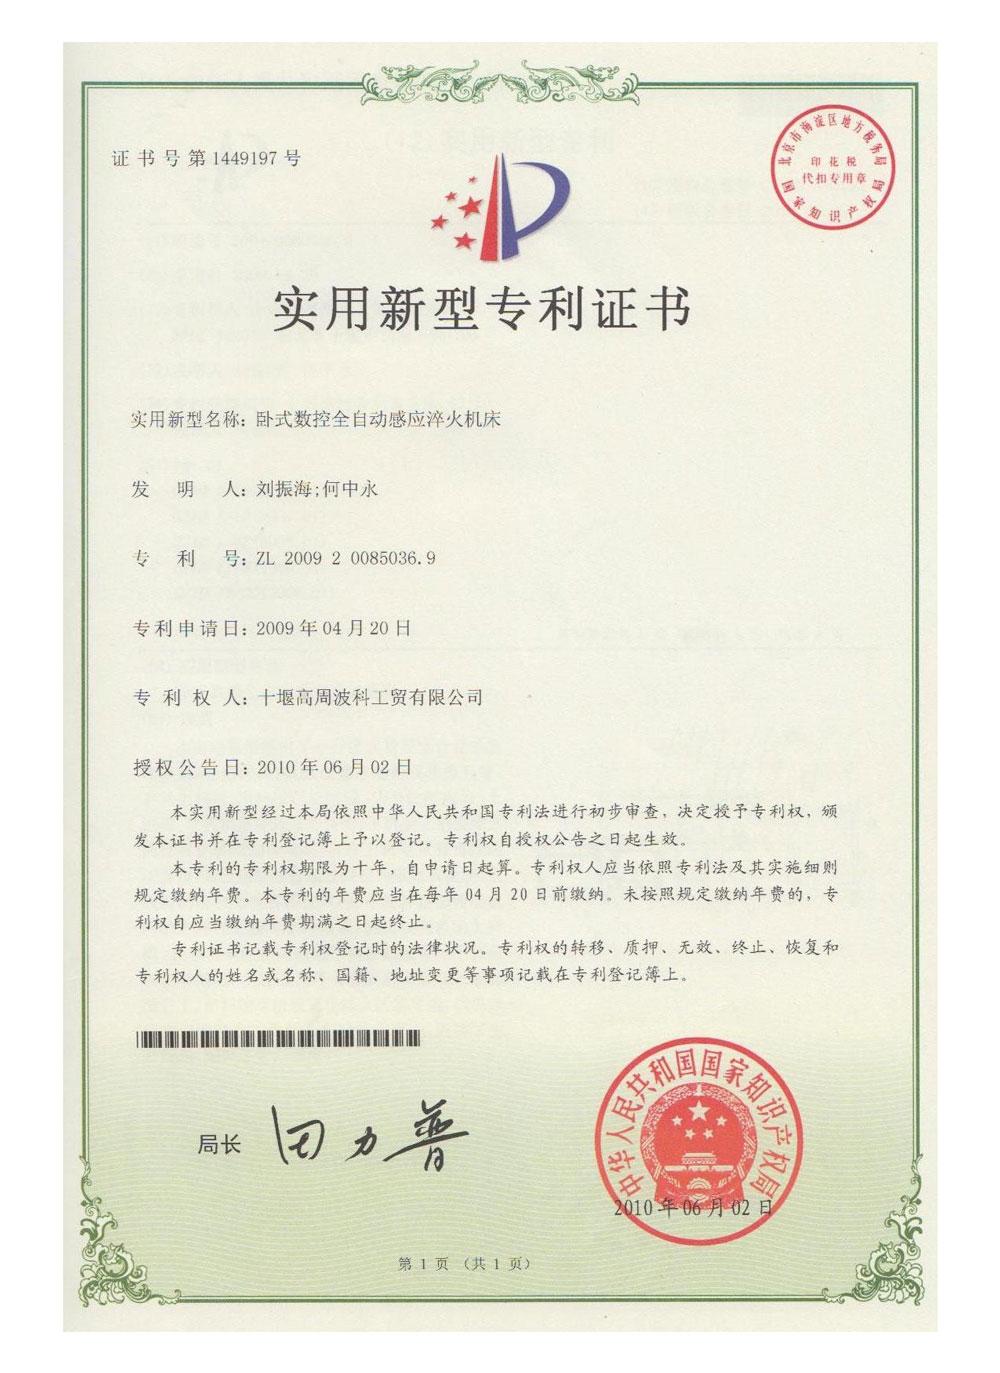 卧式数控全自动雷竞技官网雷竞技官网下载机床专利证书